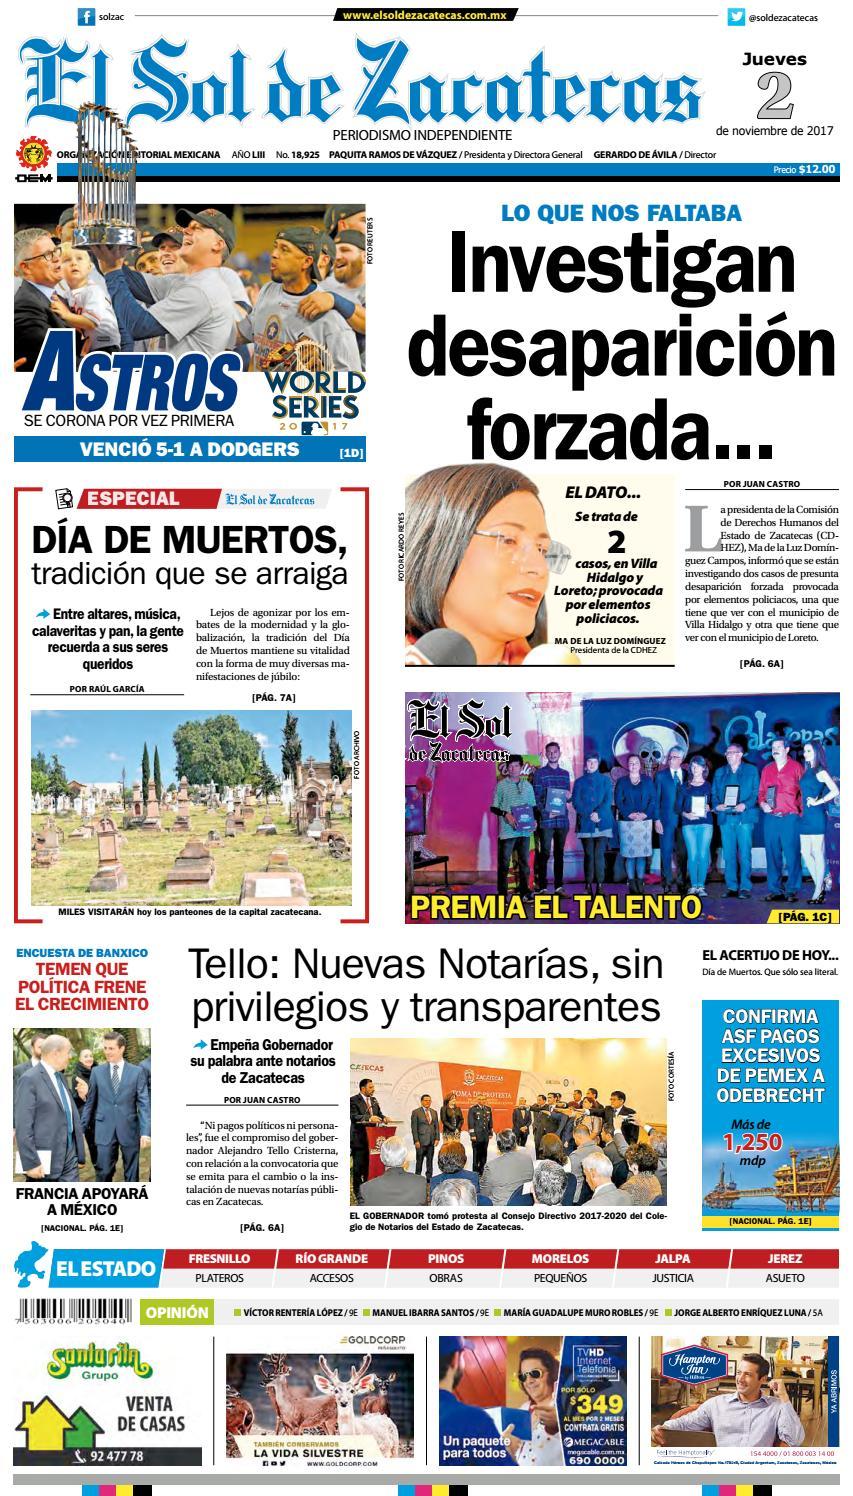 El Sol de Zacatecas 2 de noviembre 2017 by El Sol de Zacatecas - issuu ca1c6f5d098